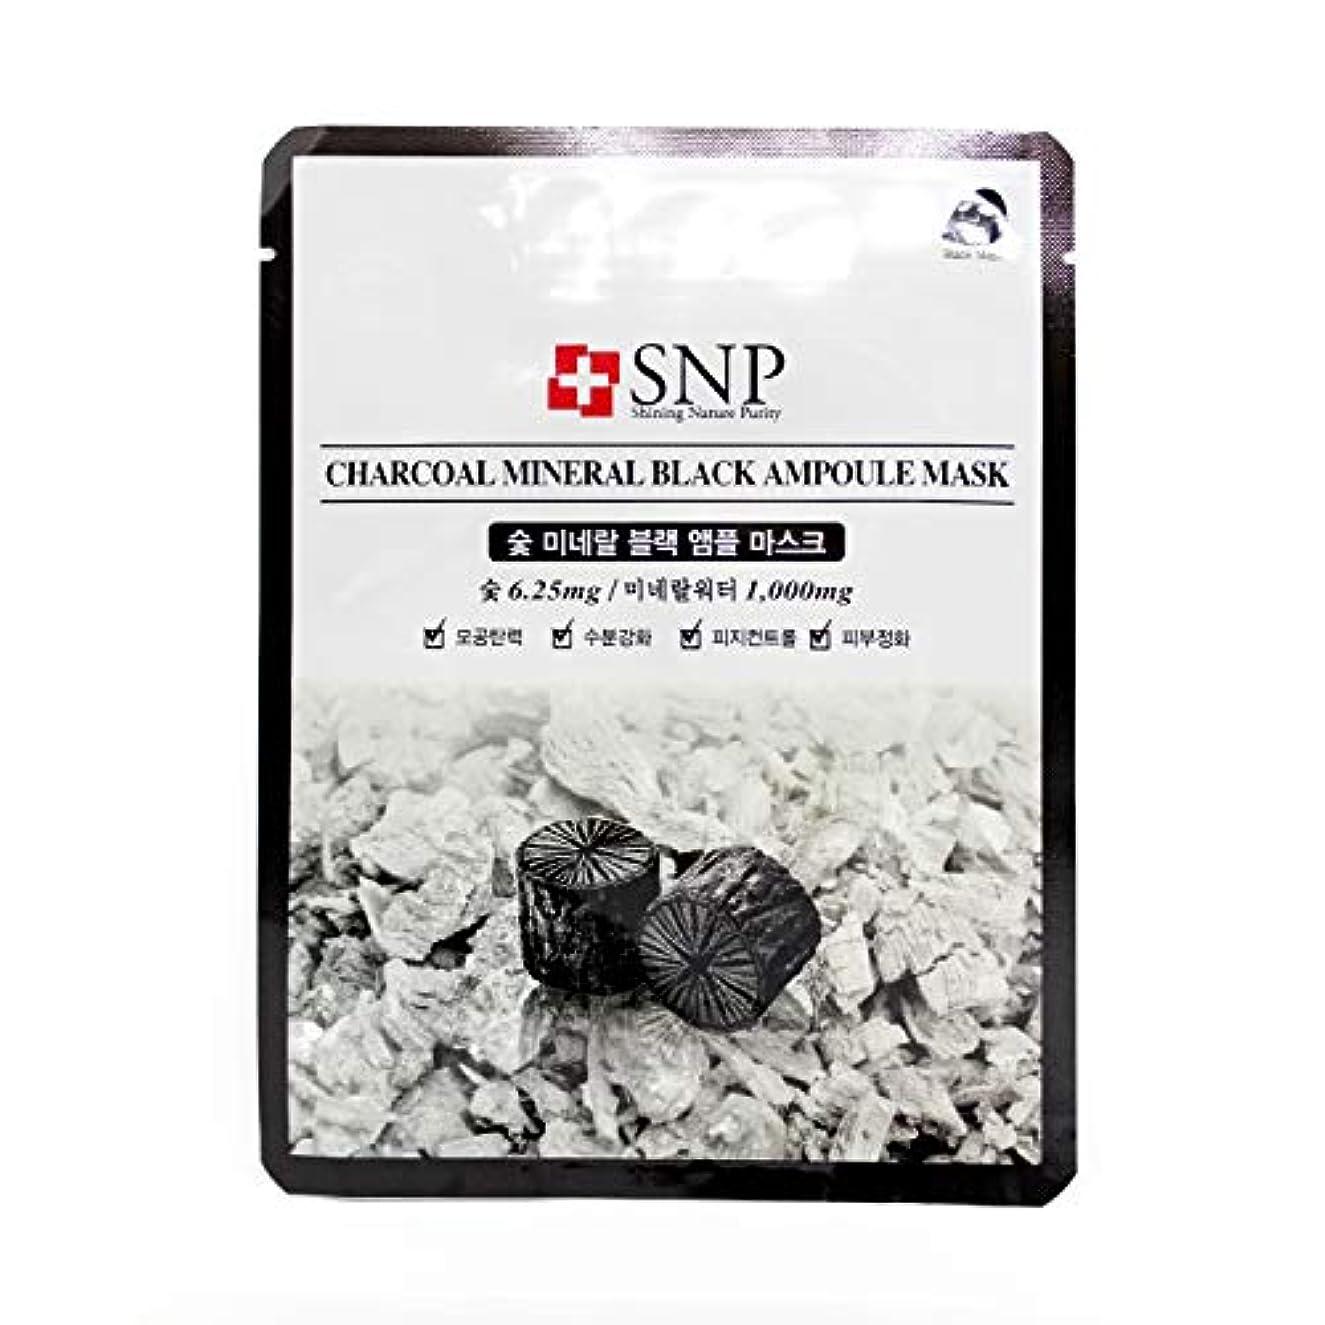 豆腐鋸歯状陰気SNP エスエヌピー 炭 ミネラル ブラック アンプル マスク 10枚セット